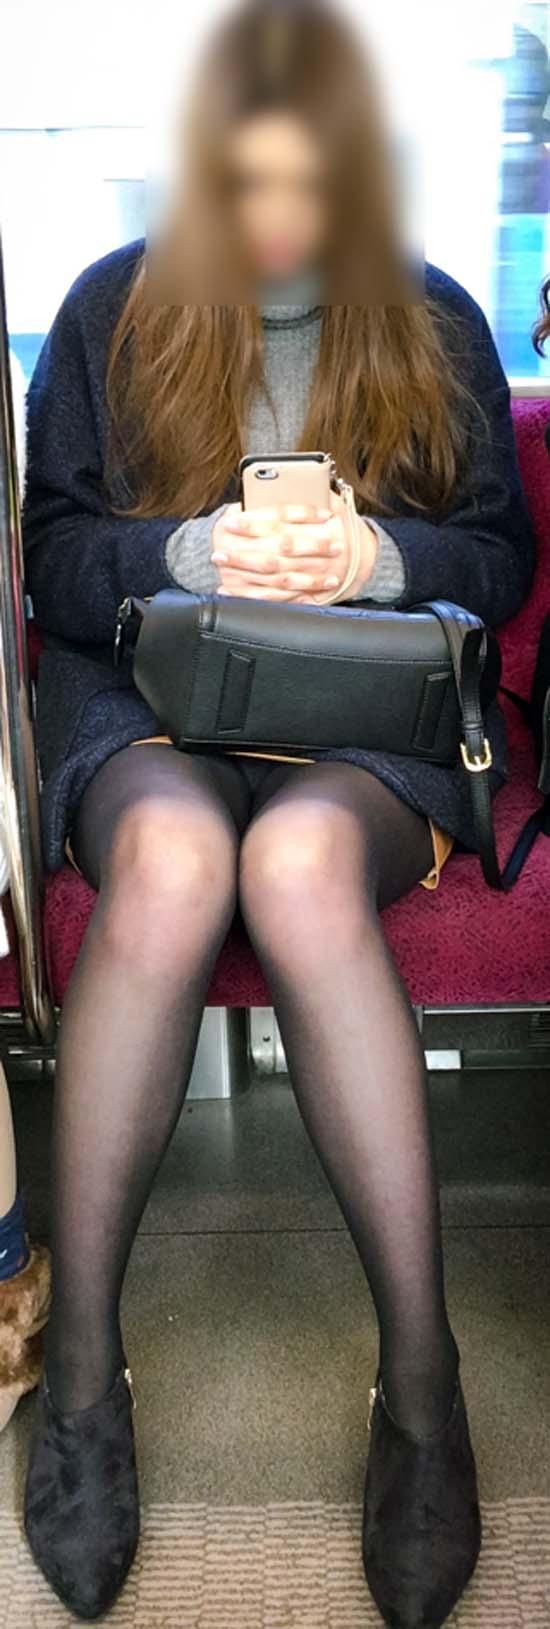 【パンチラエロ画像】通勤時に拝めたら今日はイイ事ありそう…電車内パンチラwww 14